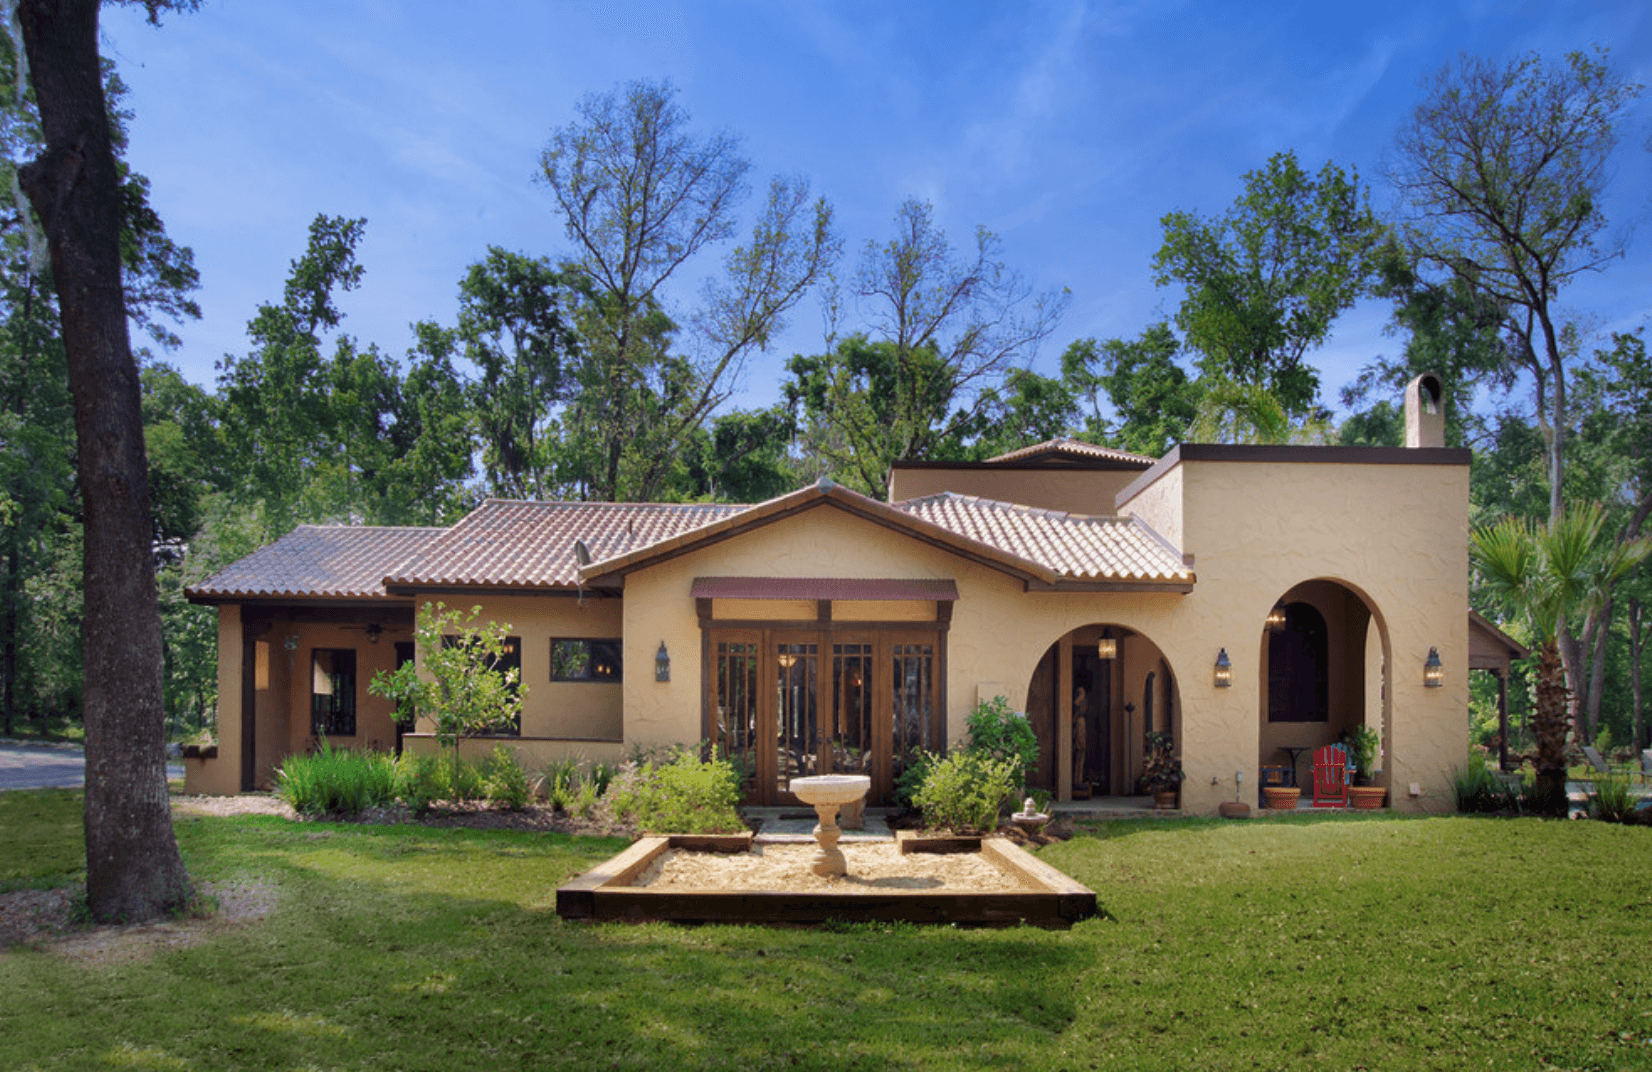 Casa de campo como projetar arquidicas for Modelos jardines para casas pequenas